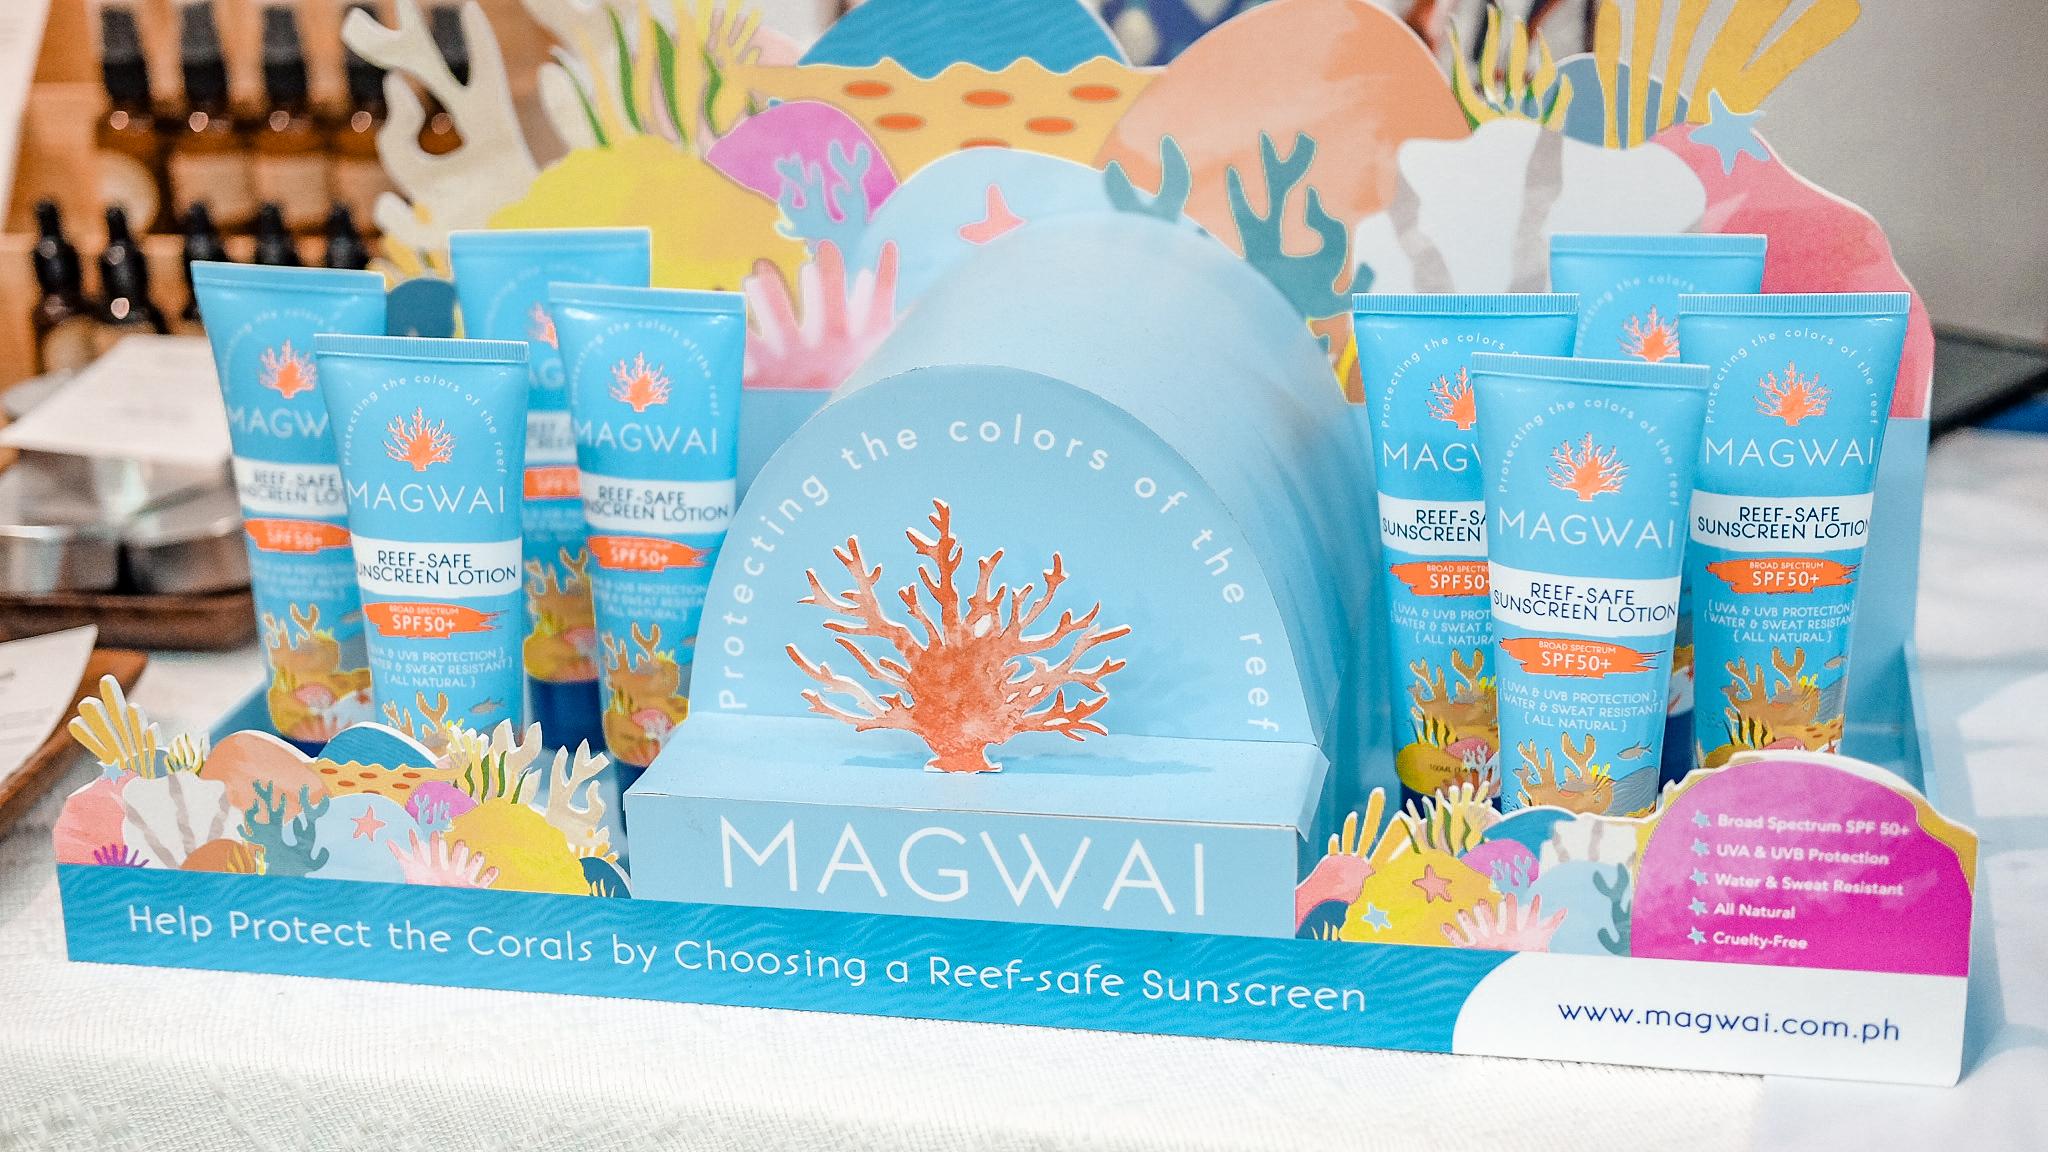 Magwai Sunscreen